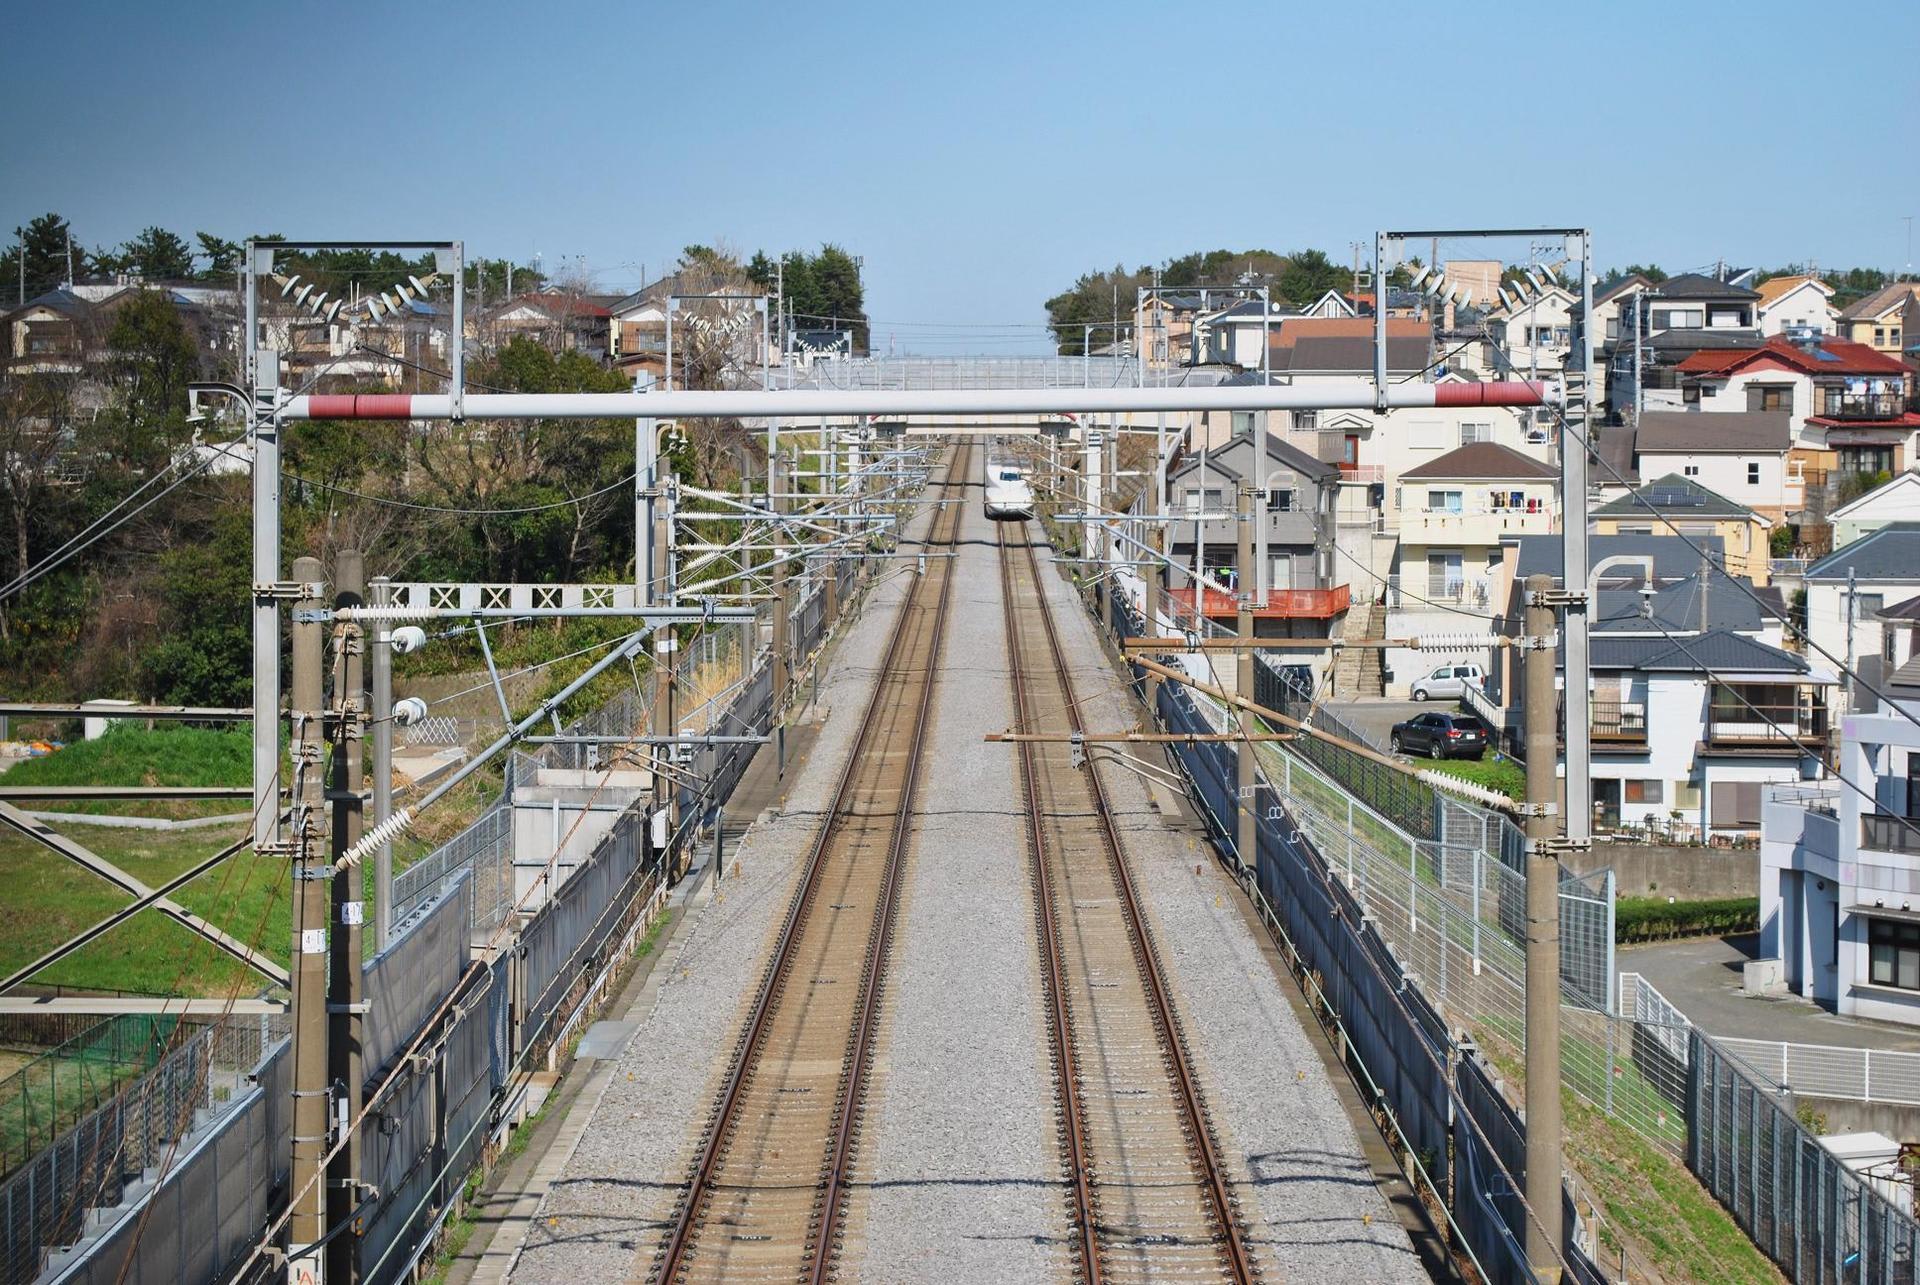 綾瀬は東海道新幹線のモデル線区 - いいとこ綾瀬・探見隊!